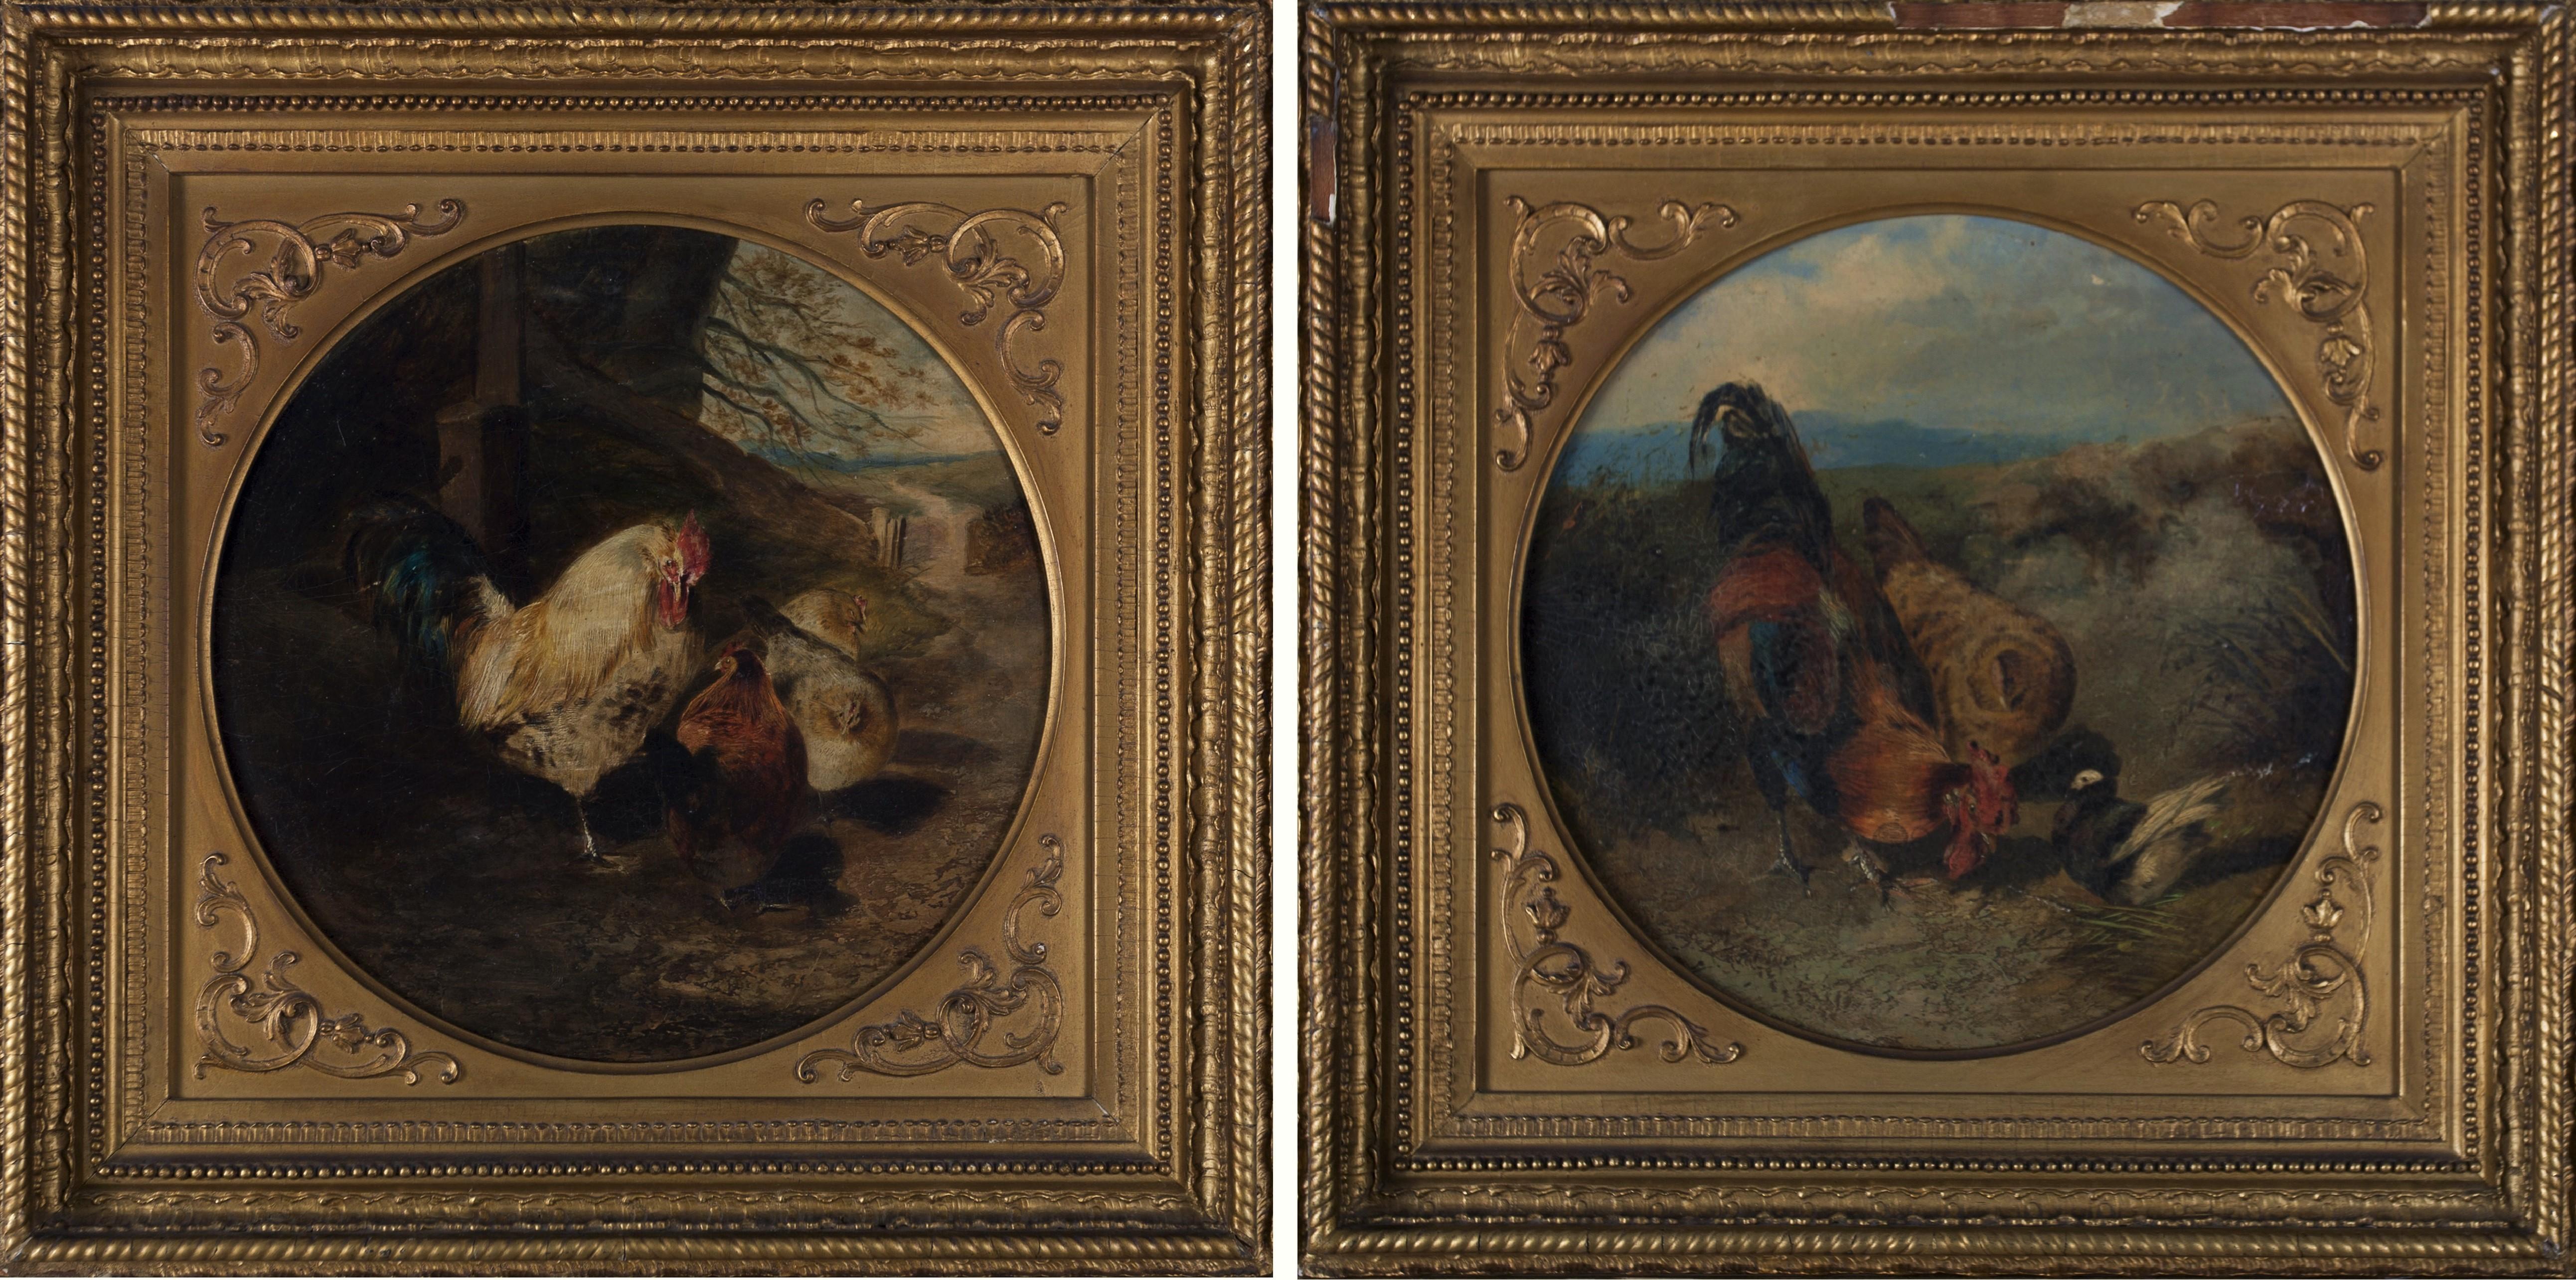 Malarstwo XIX w, z kręgu Williama Hugginsa (1820-1884), Ptactwo domowe